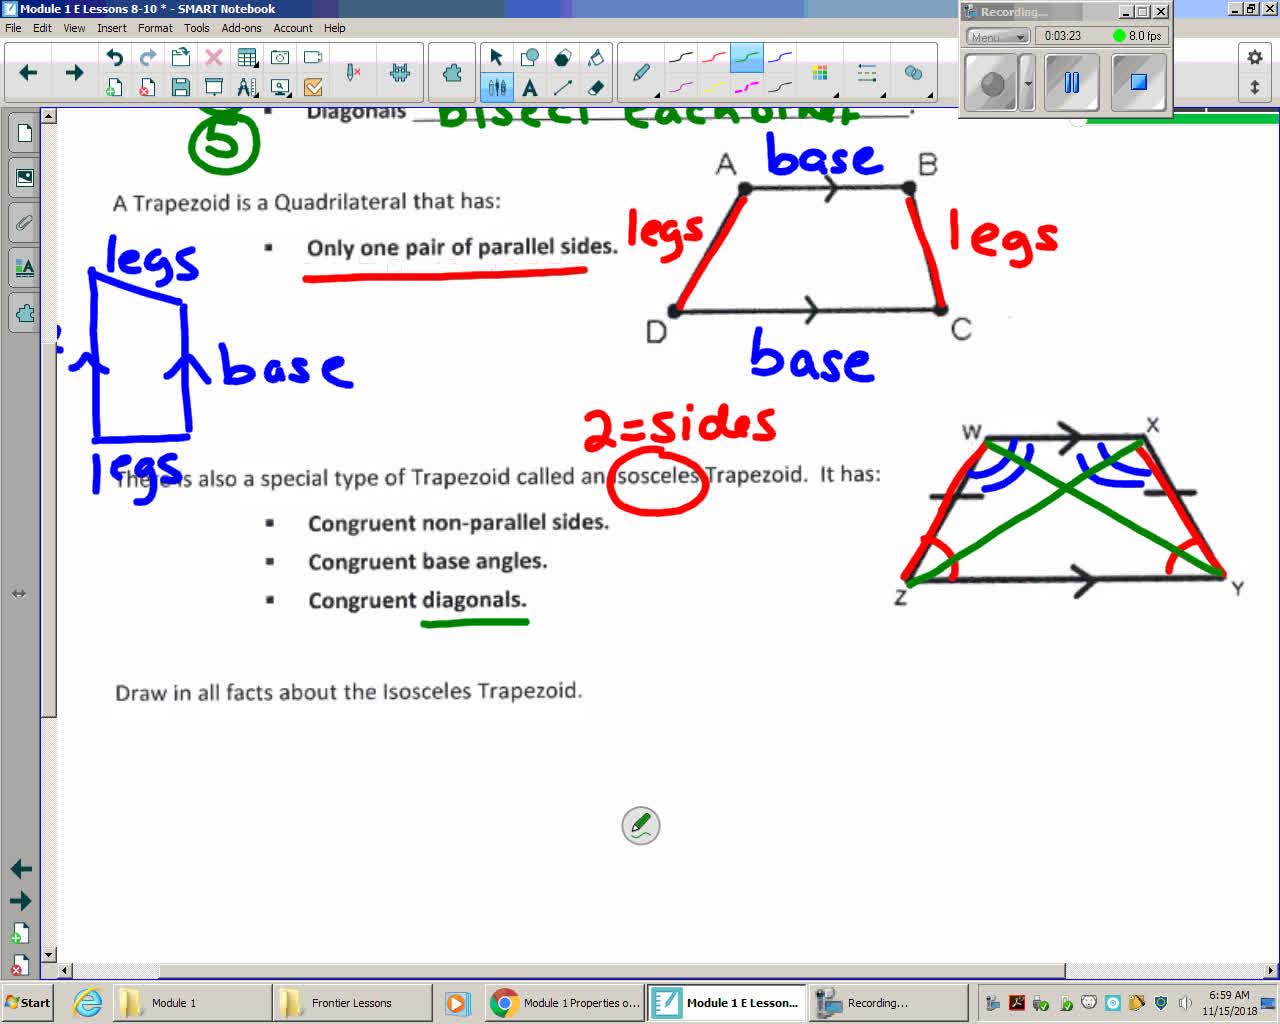 Mod 1E Unit 4 Lesson 9A